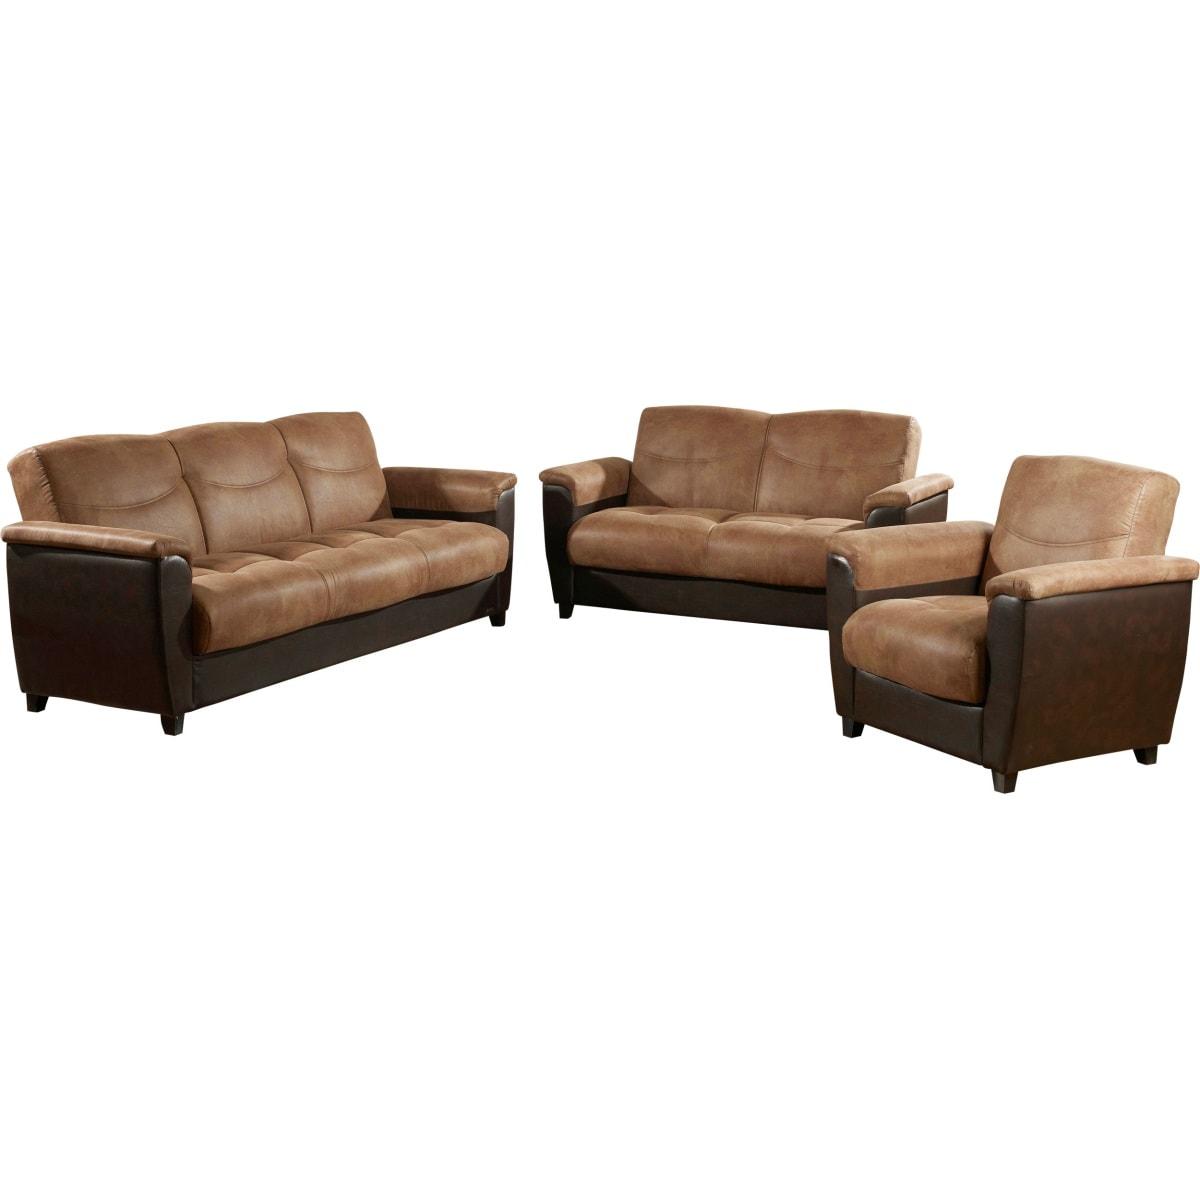 garnitur braun polsterm bel wohnen m bel boss. Black Bedroom Furniture Sets. Home Design Ideas